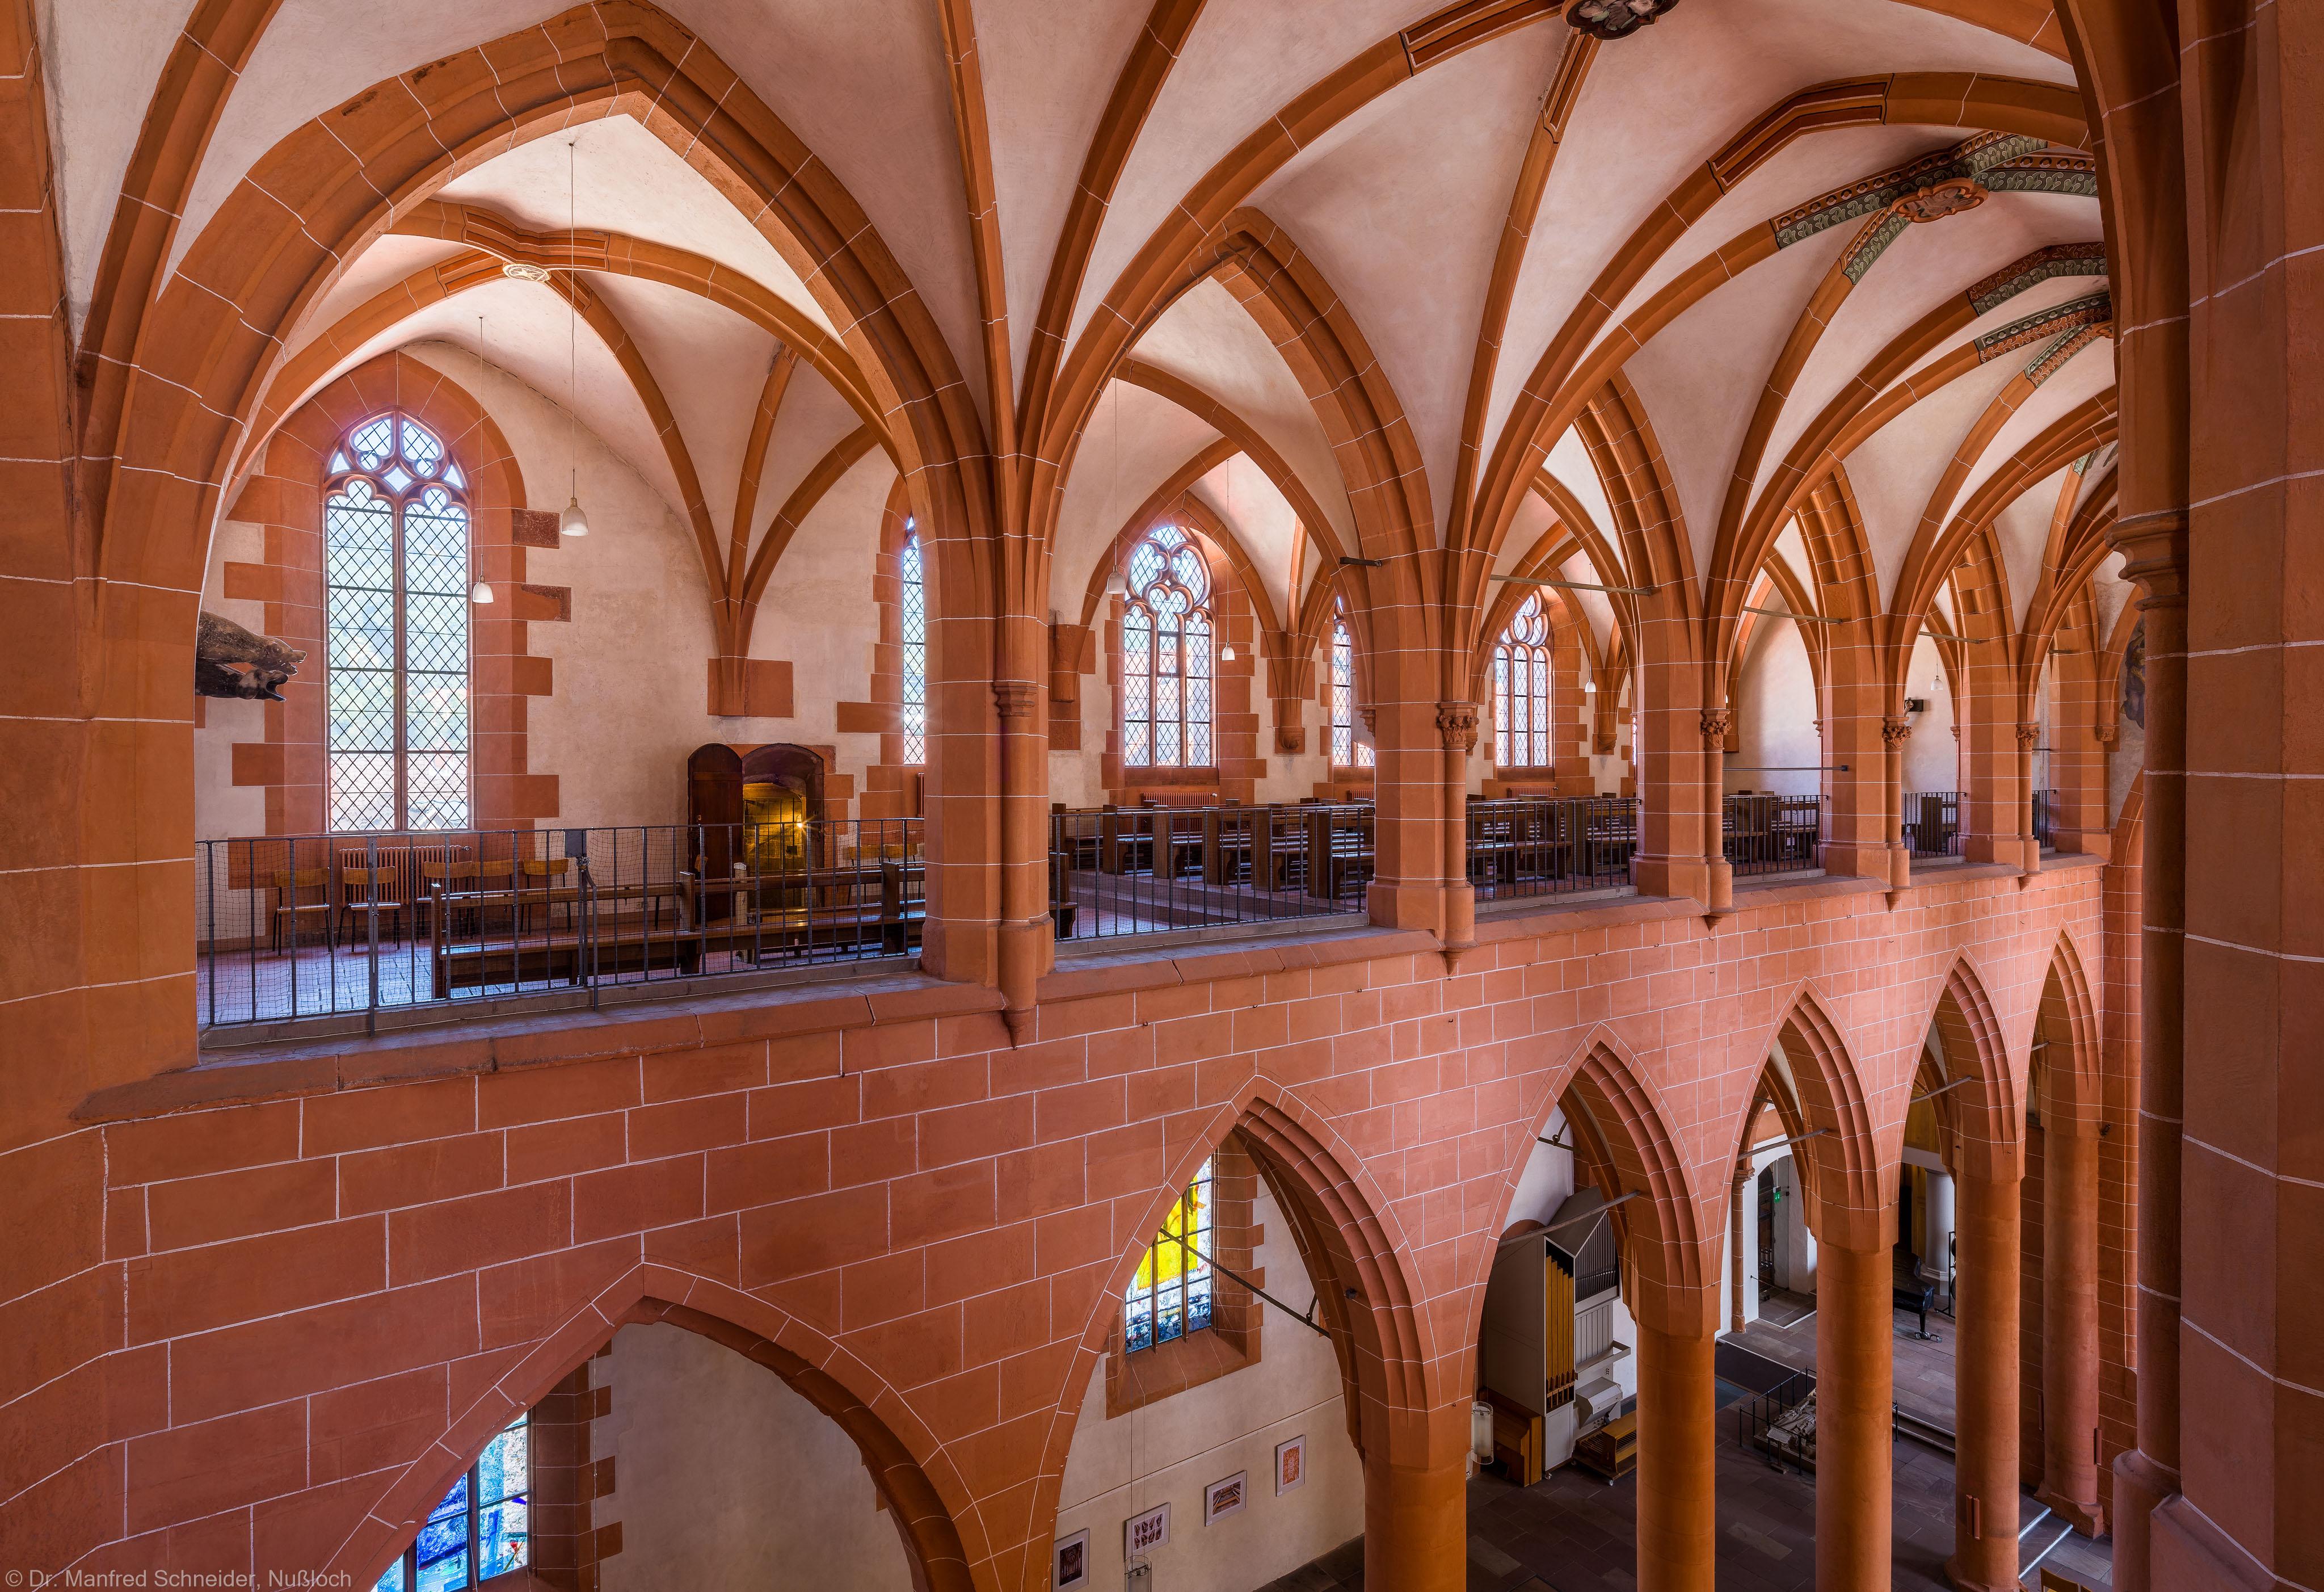 Heidelberg - Heiliggeistkirche - Nordempore - Blick vom Nordwesten der Südempore auf die Nordempore und in das Nordschiff (aufgenommen im Juli 2015, am frühen Nachmittag)